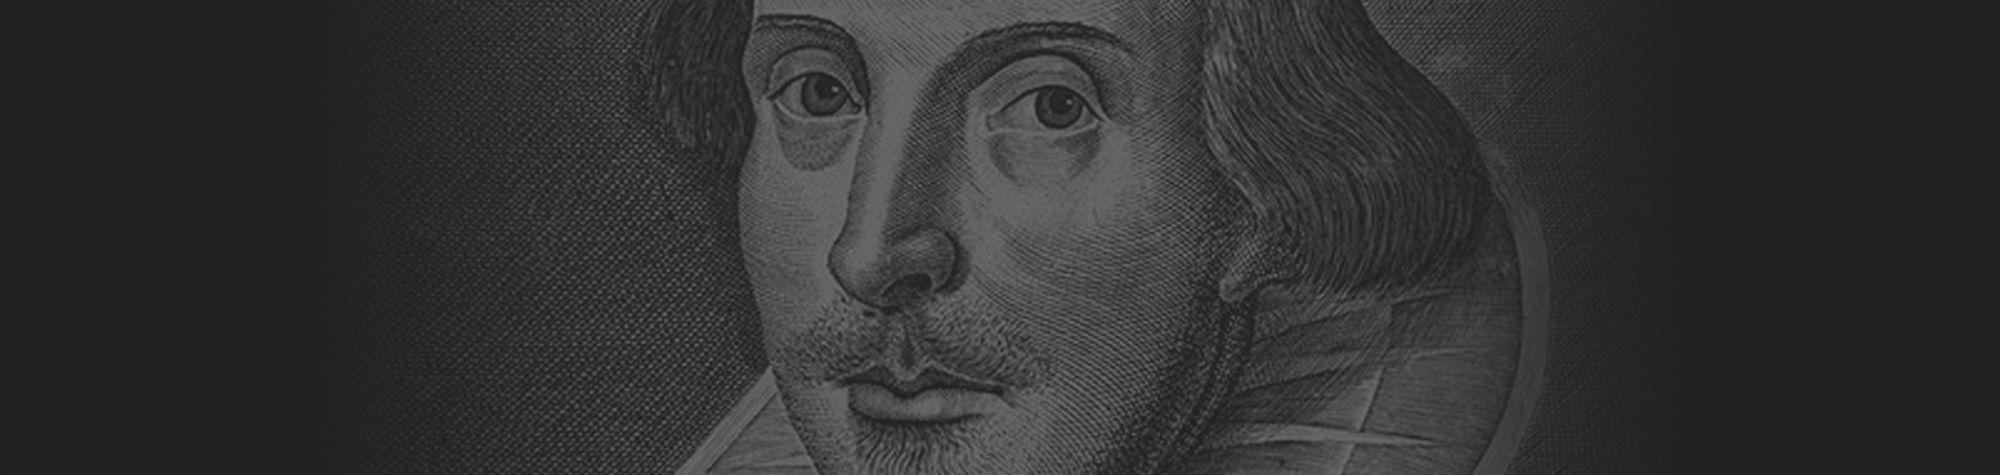 5 motivi per imparare l'inglese attraverso lo studio della storia